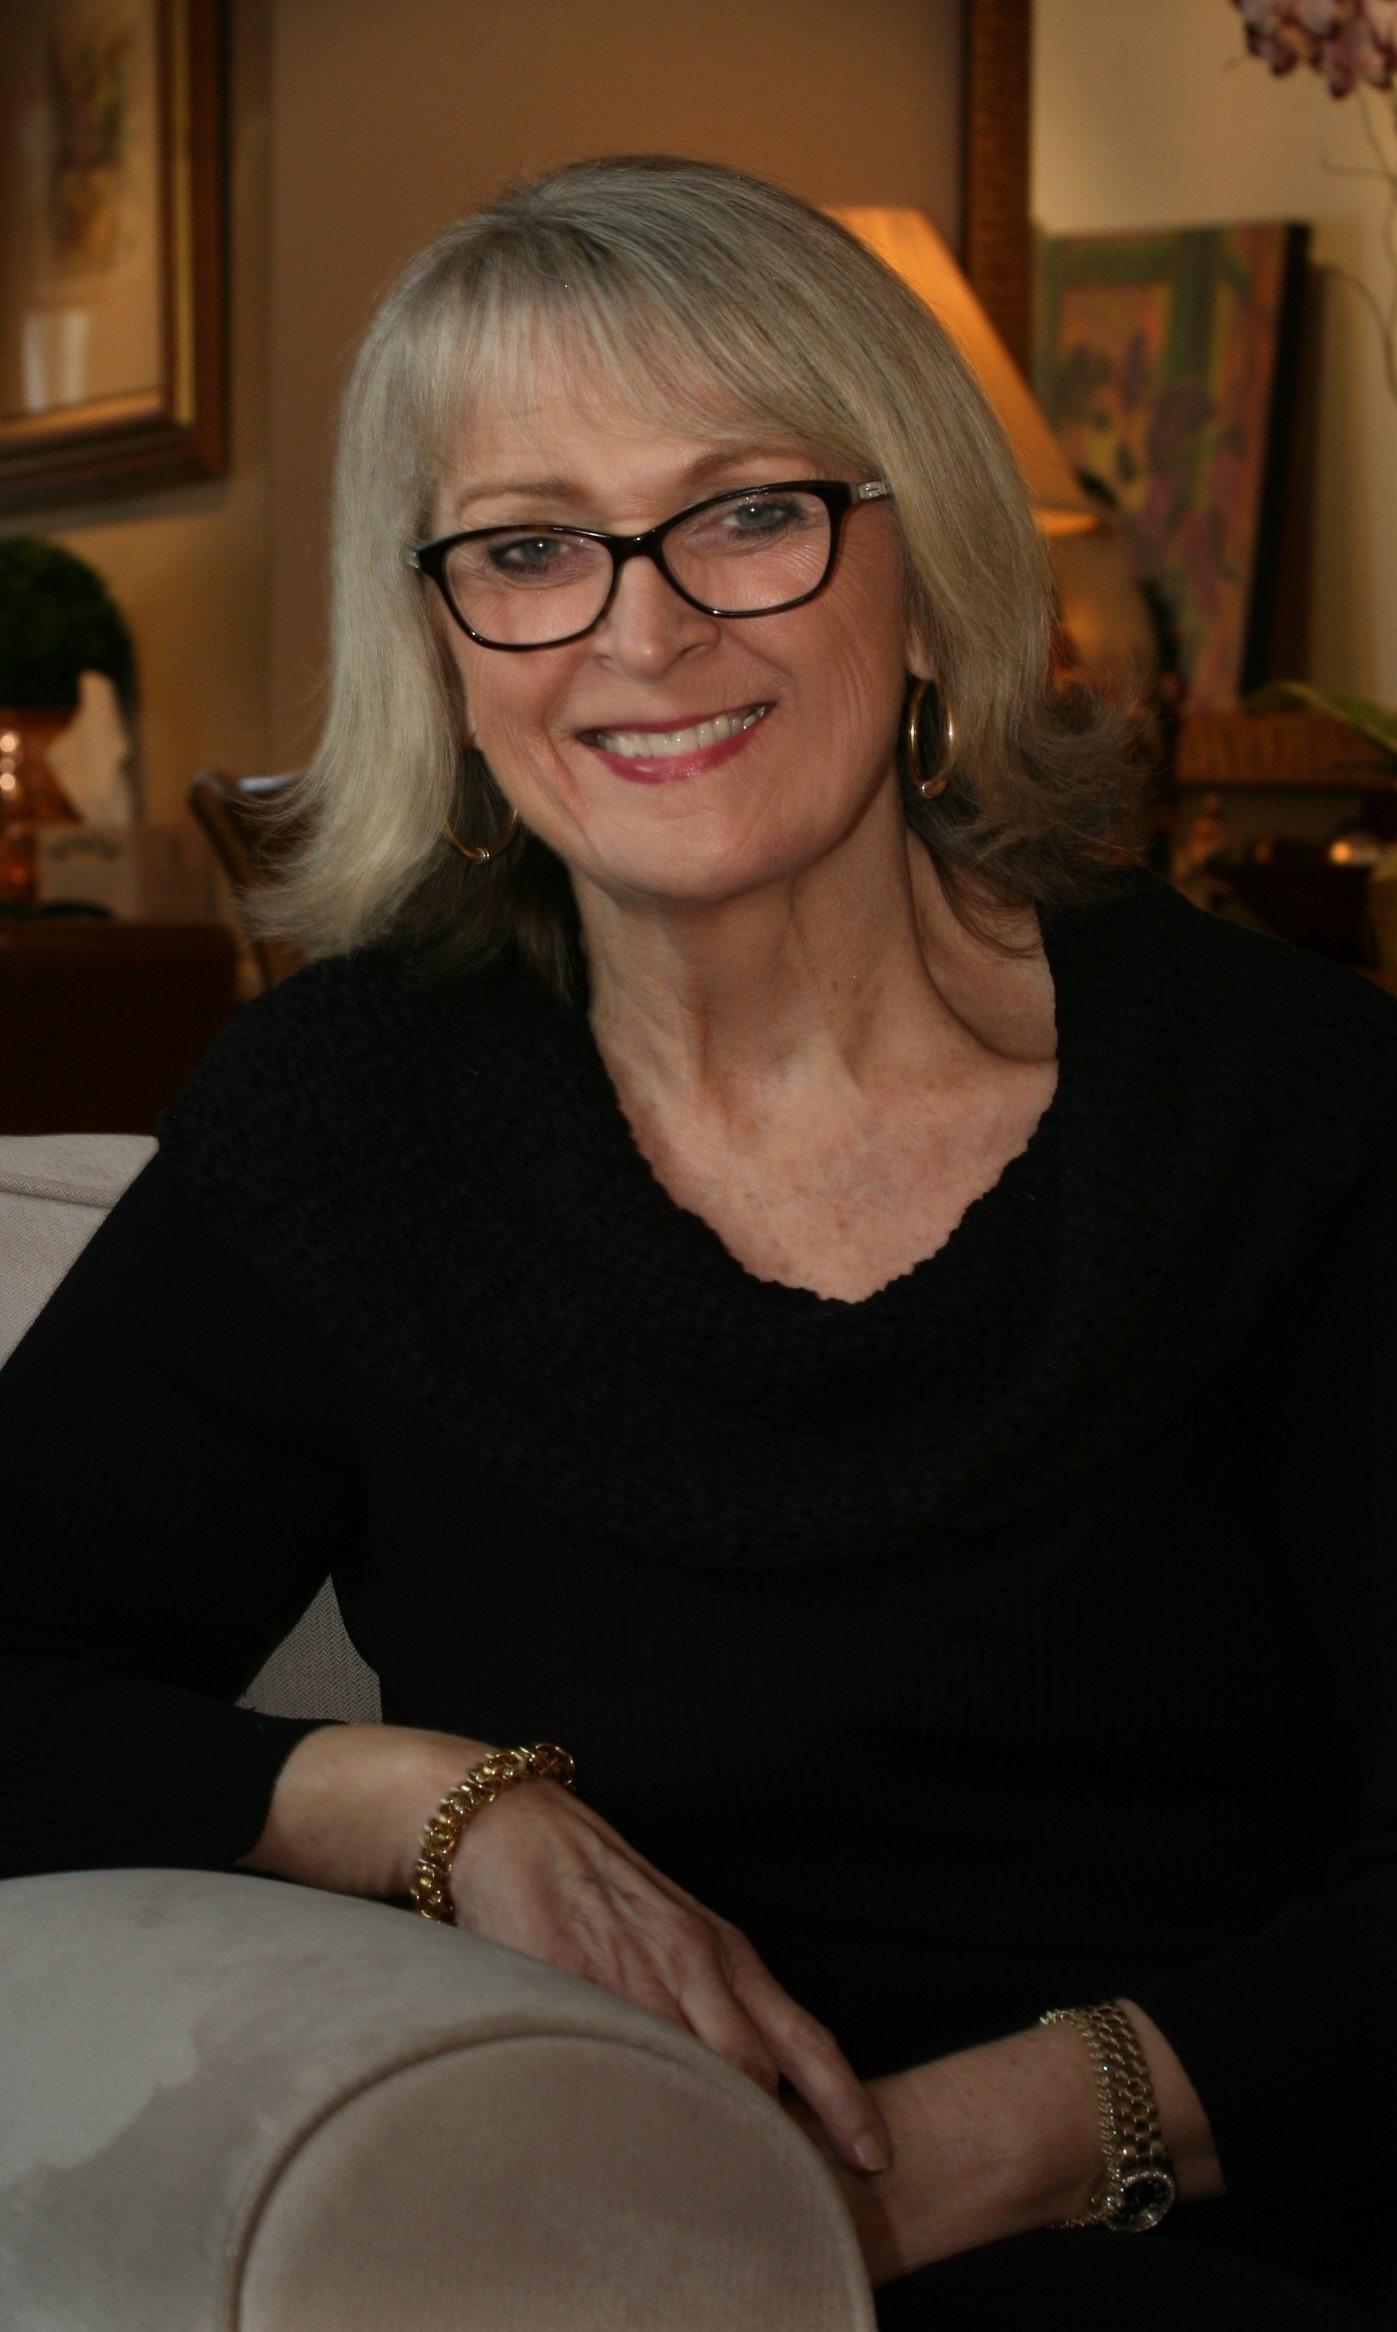 Louise Vidaurri